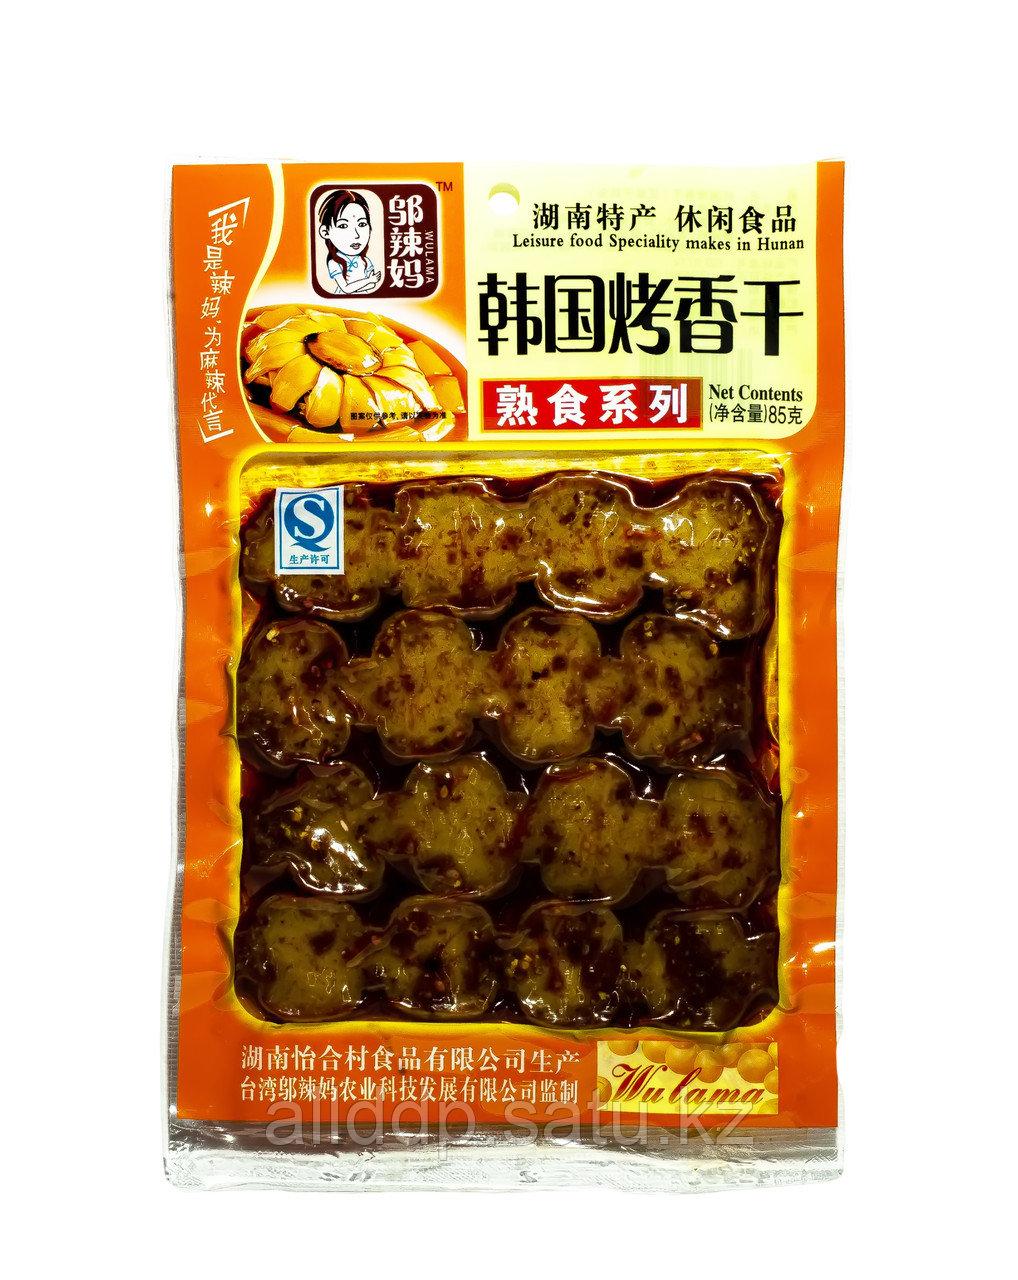 Соевое сушеное мясо Wulama, 85 г_3